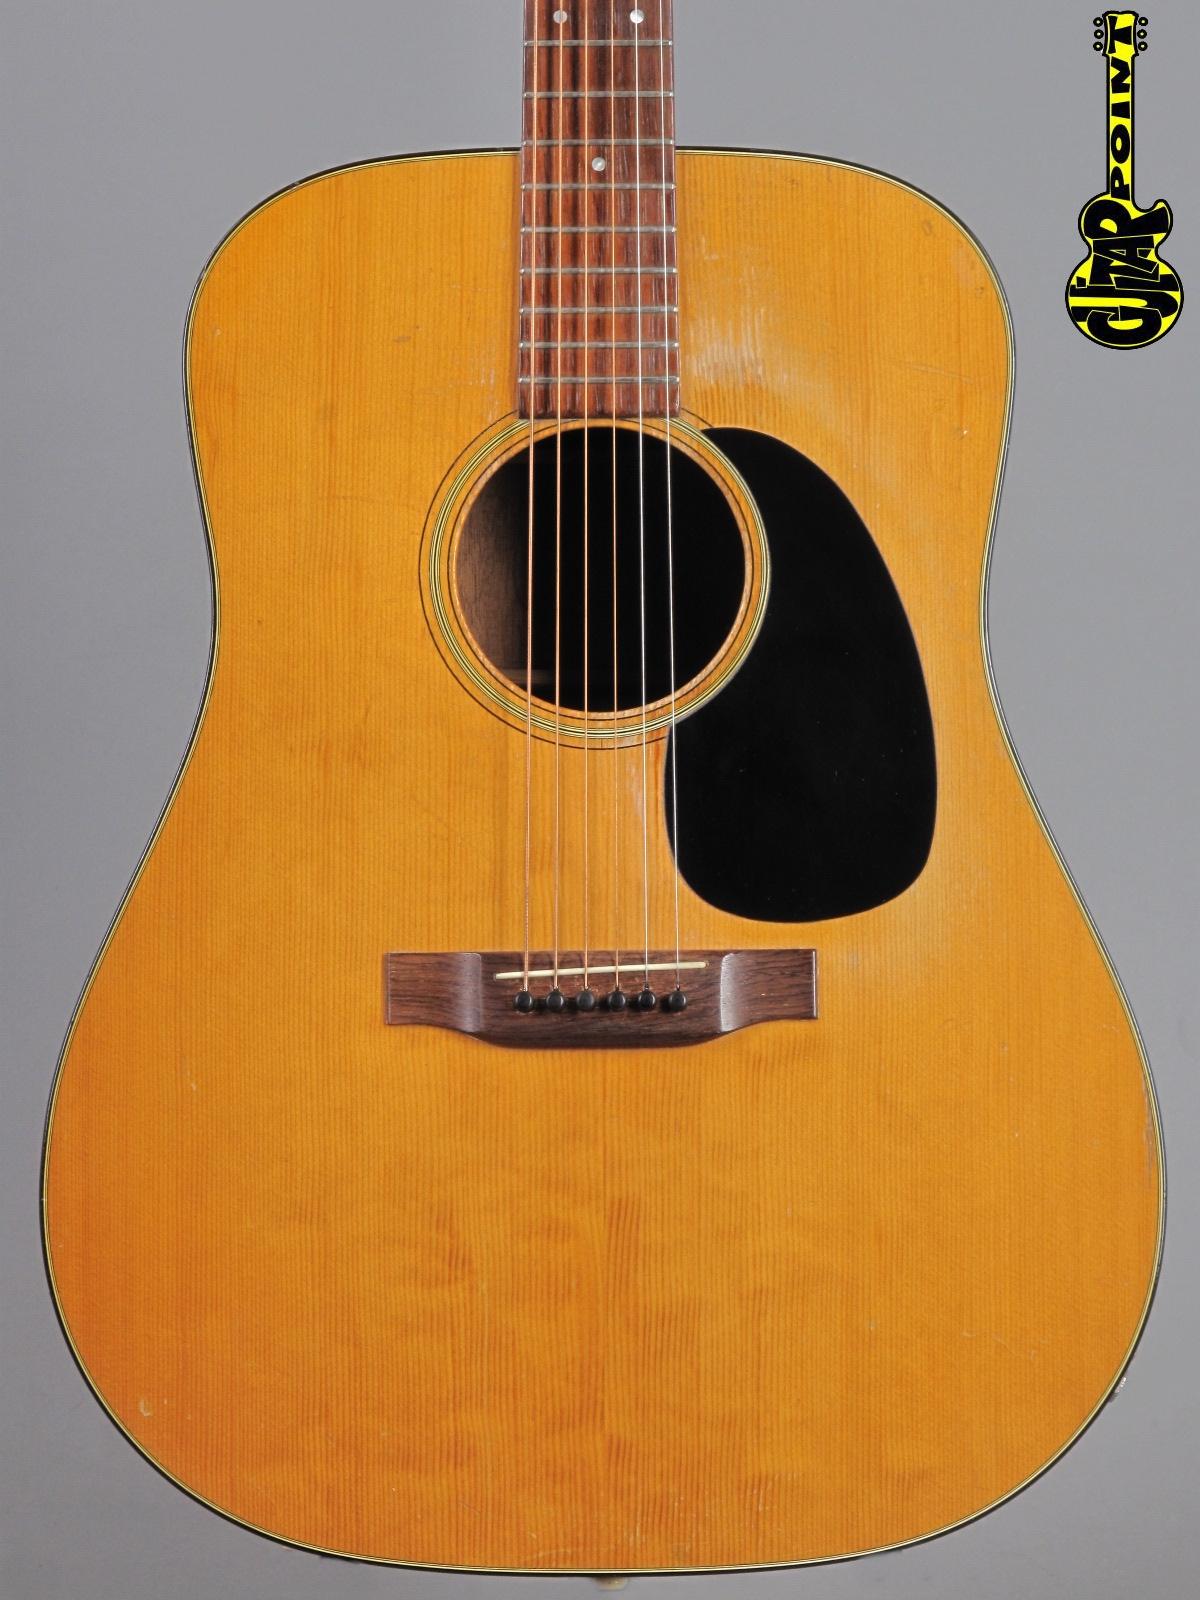 1969 Martin D-18 - Natural